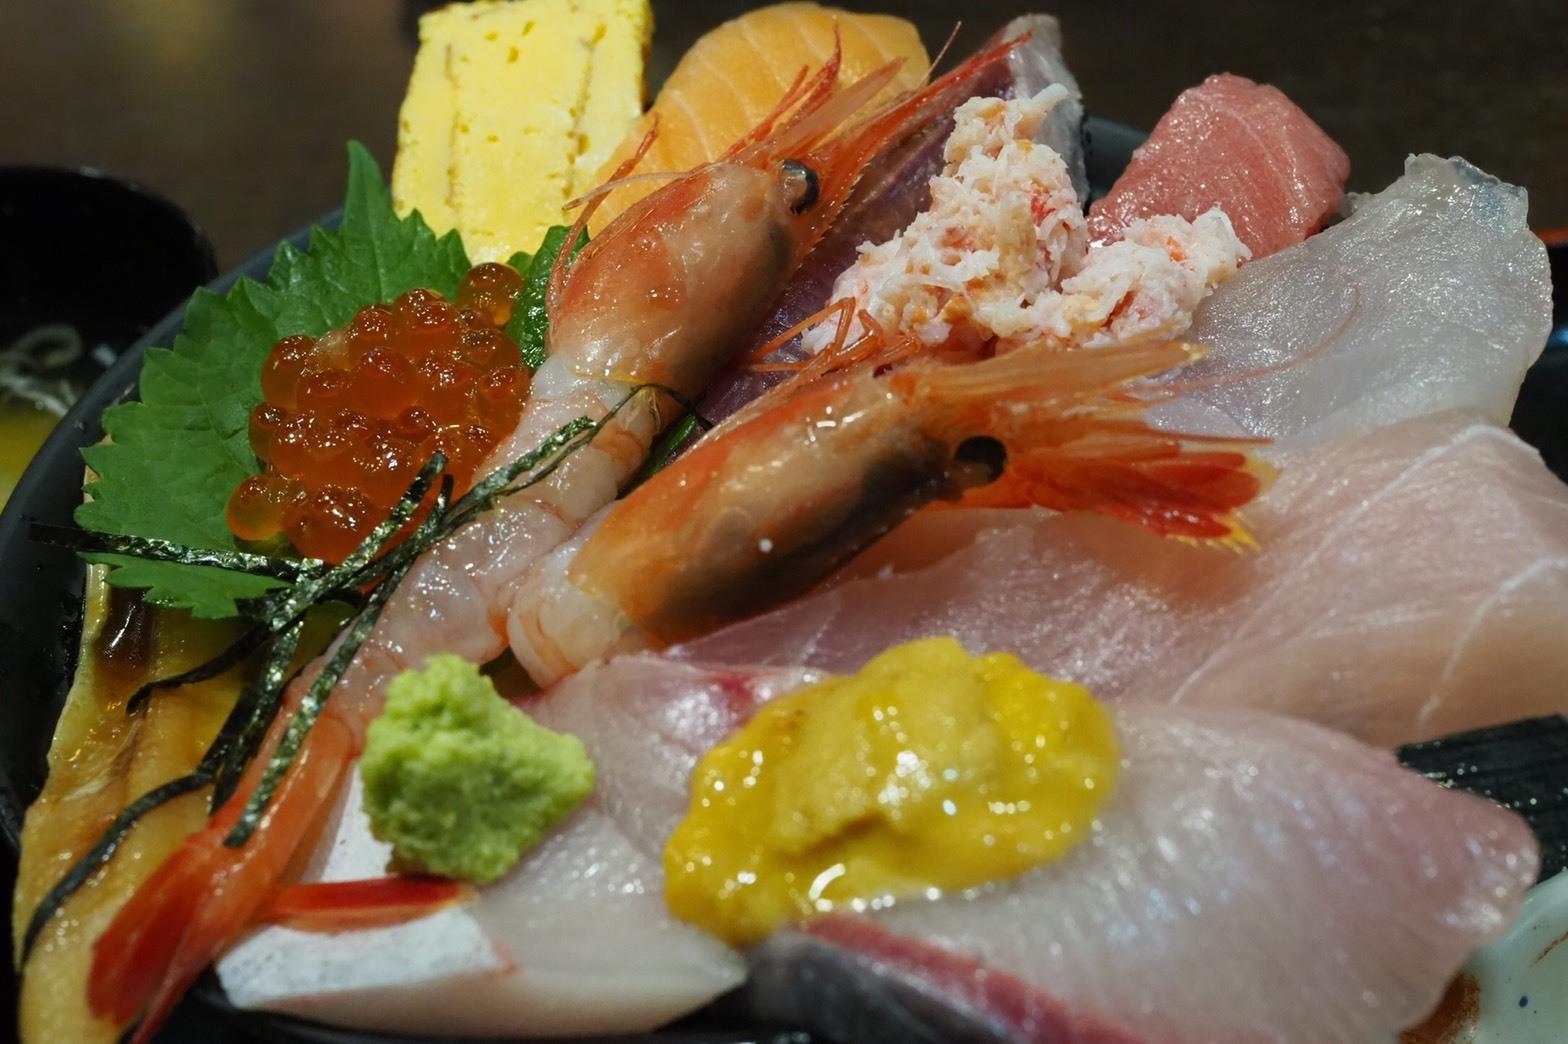 ぴーきちハーレーブログ 福井金沢ツーリング 近江町市場 海鮮丼 華 魚介